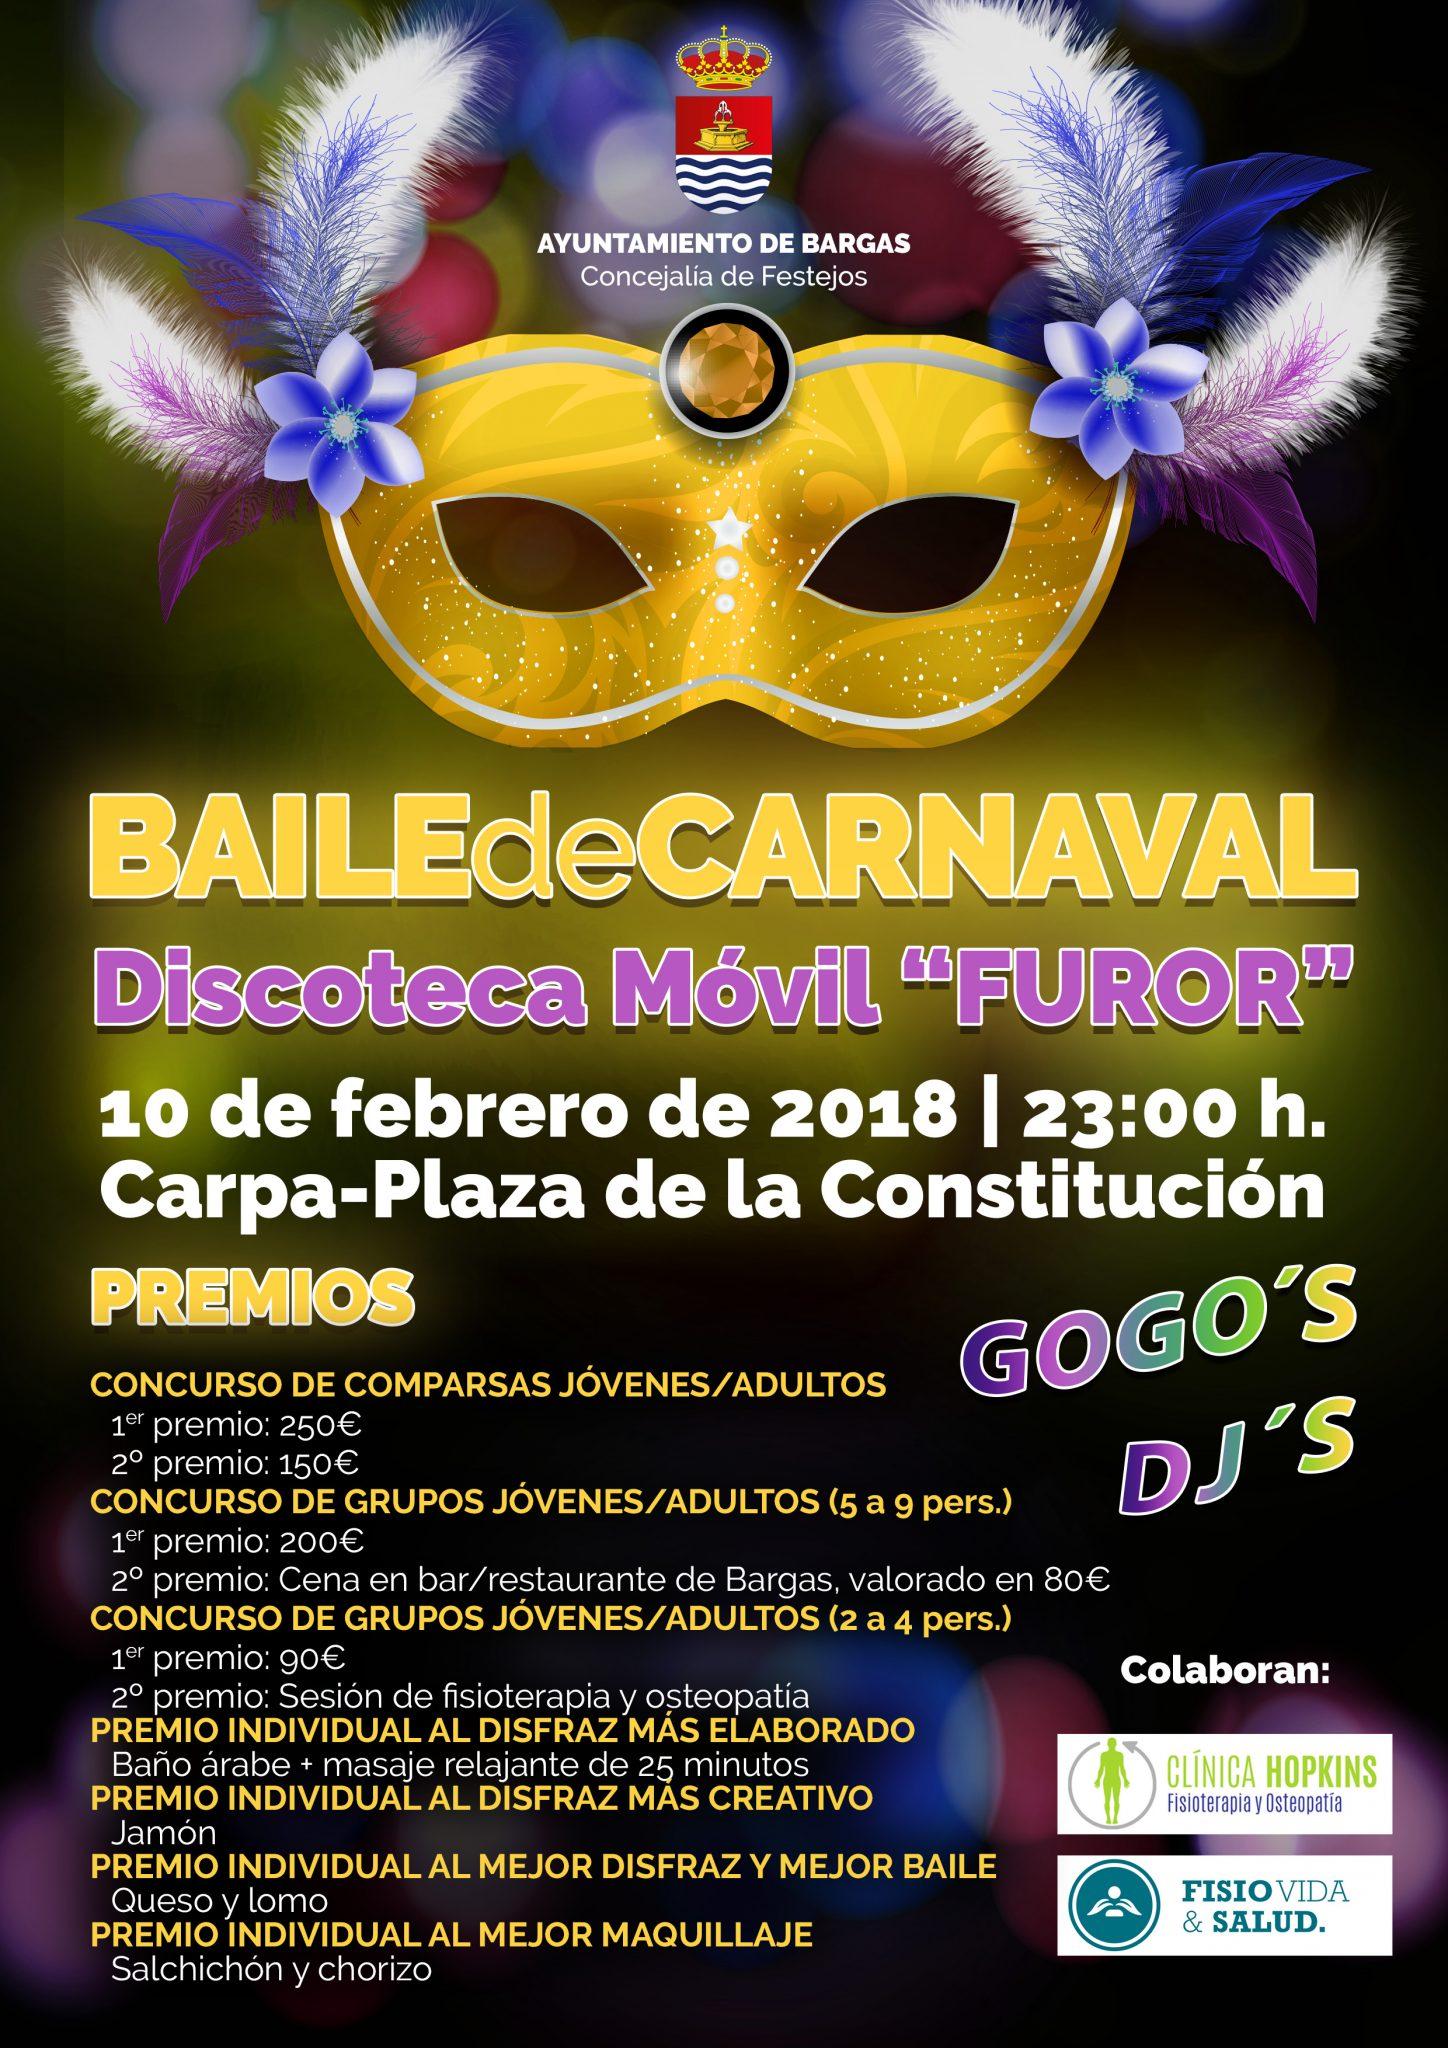 Baile de Carnaval 2018